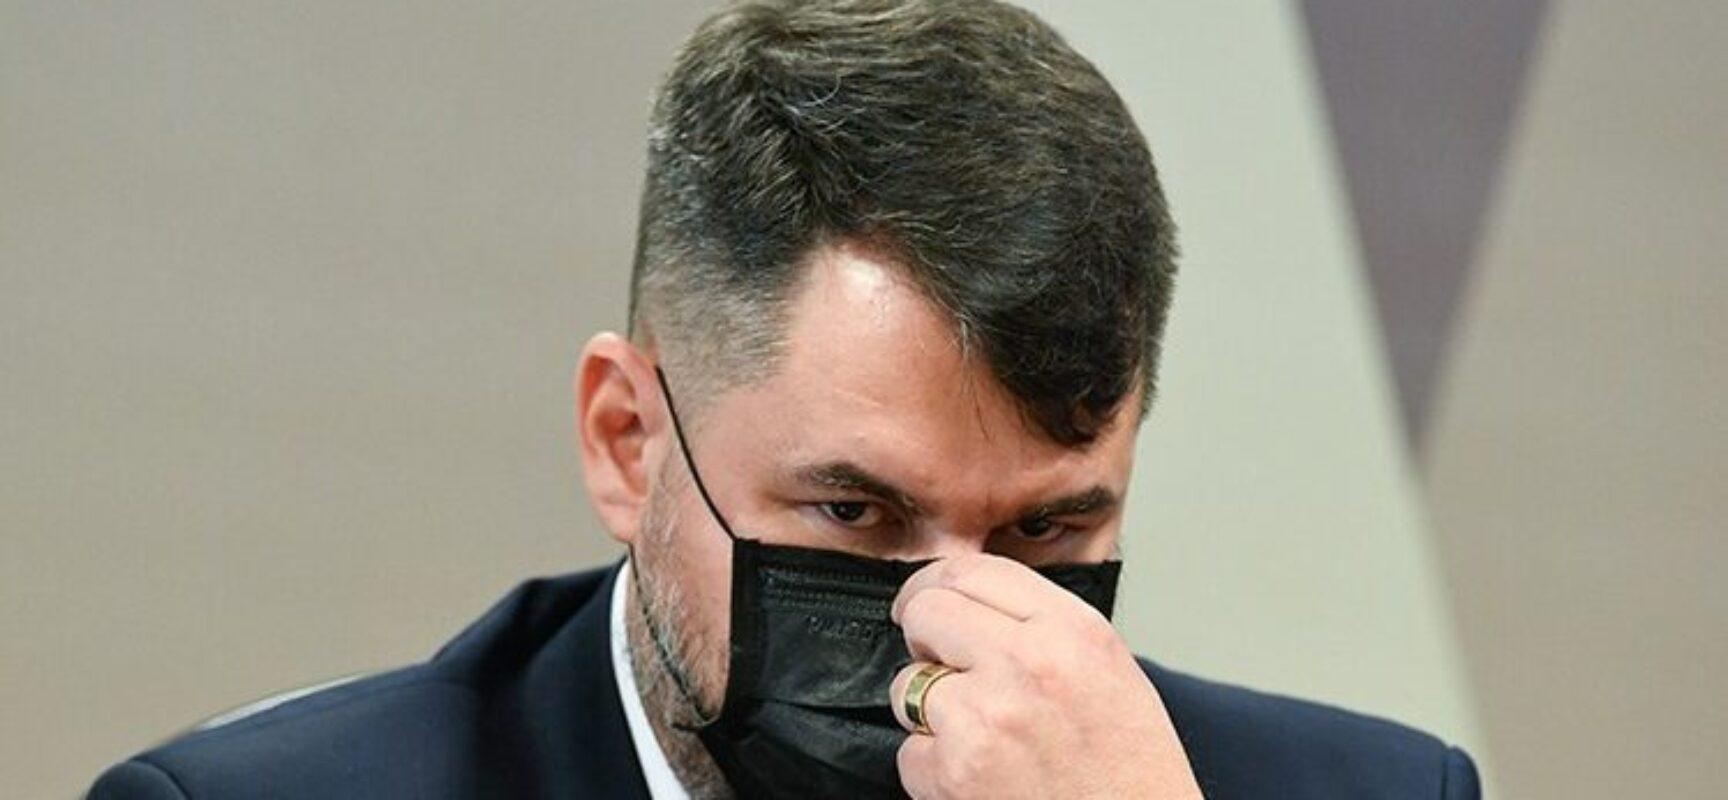 Após silêncio reiterado, advogado da Precisa passa a ser investigado pela CPI